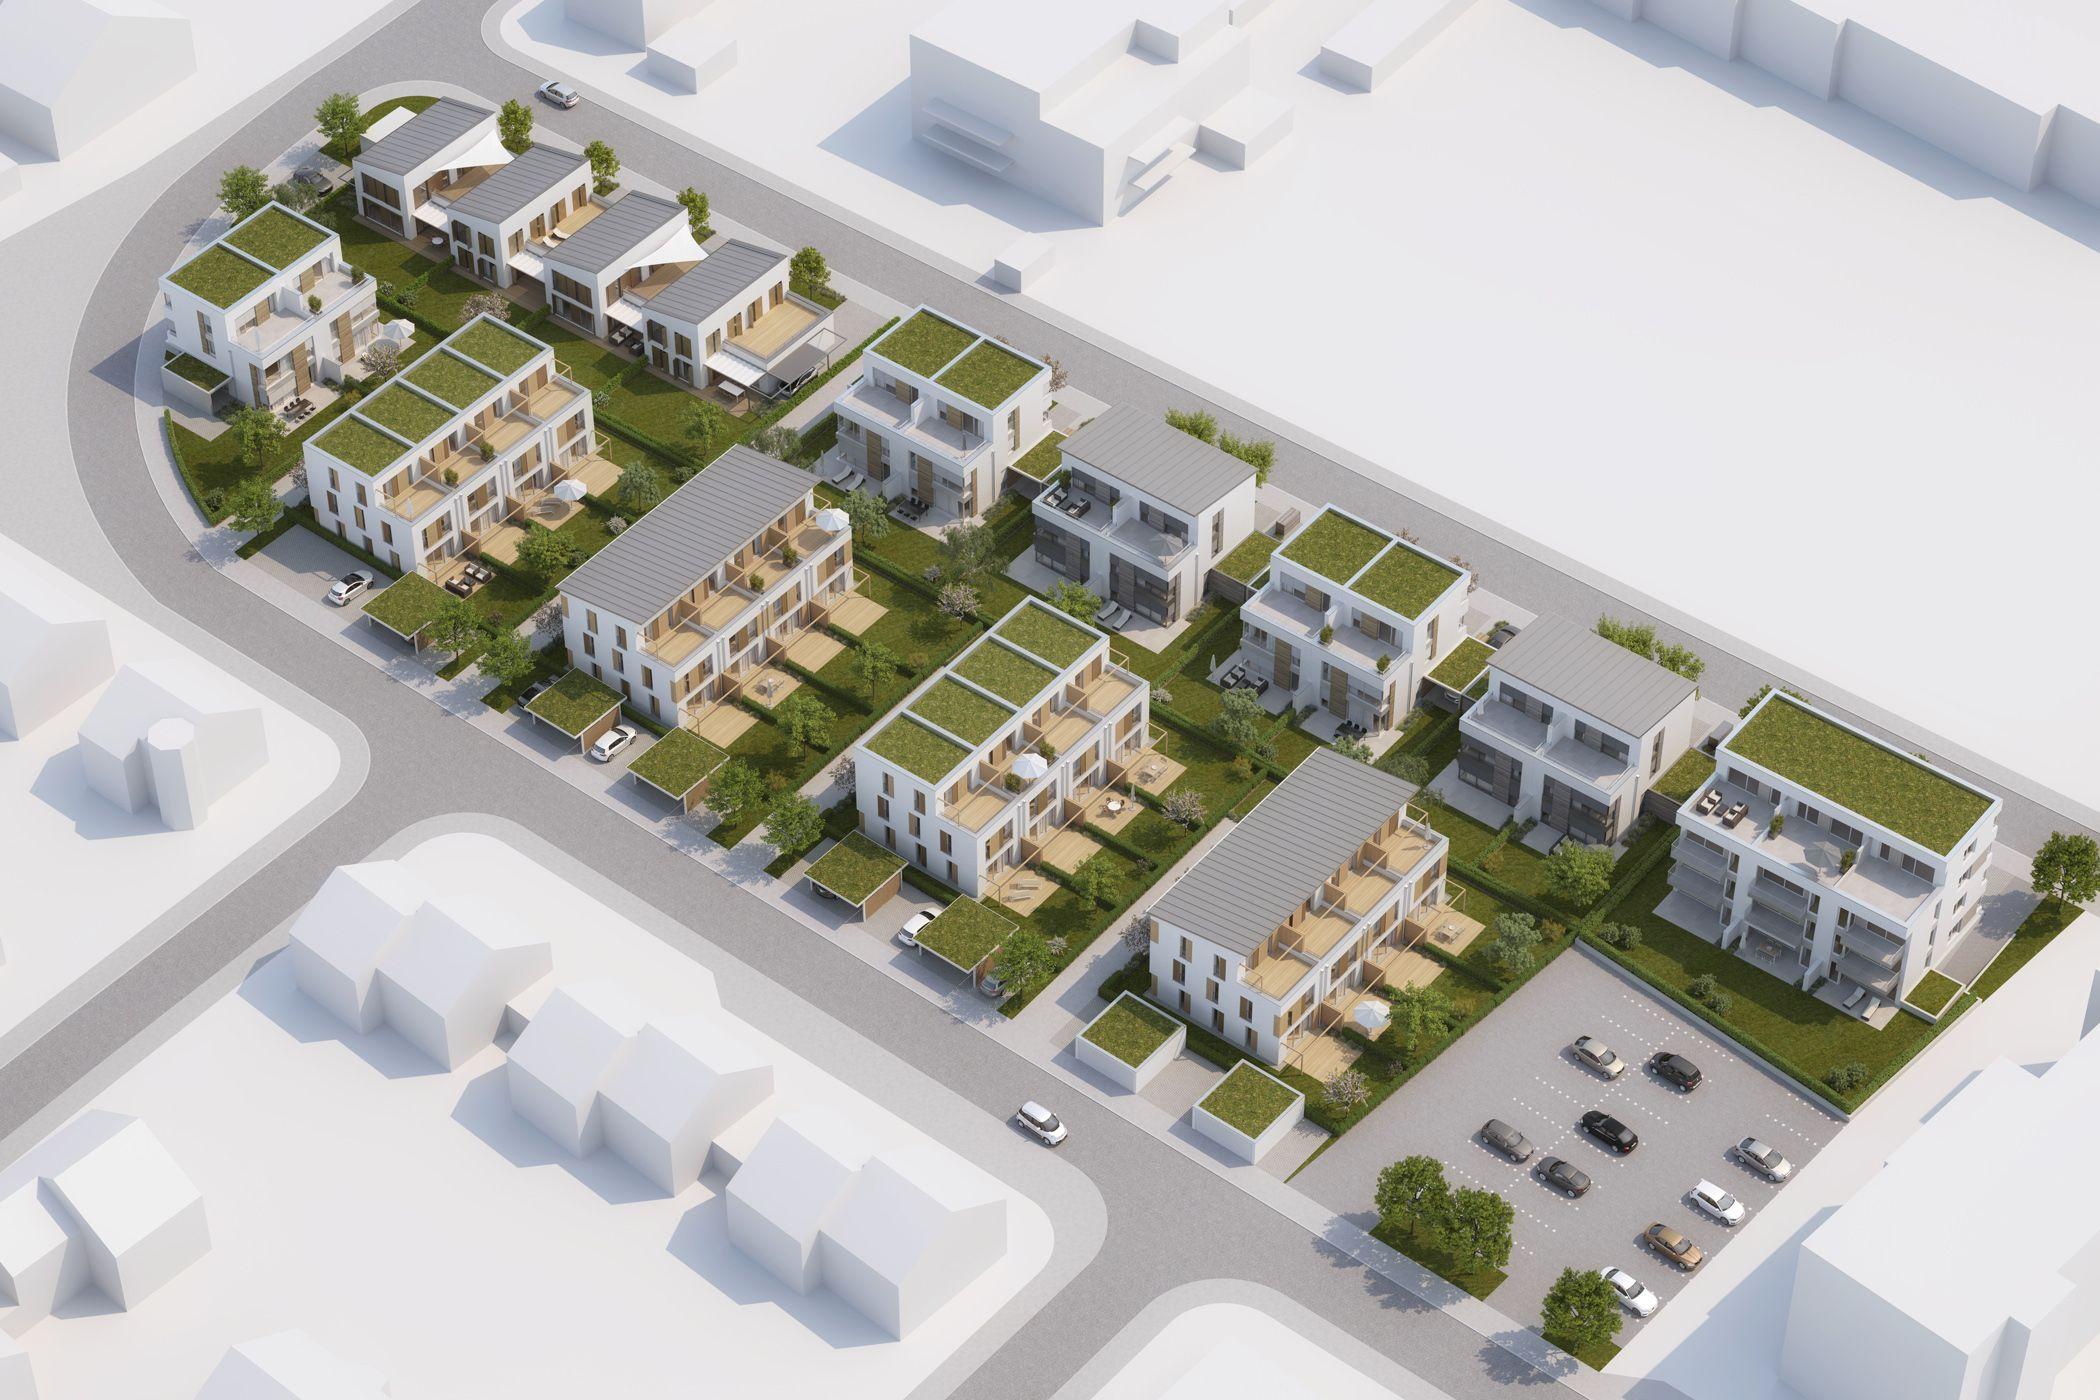 Architekturvisualisierung Stuttgart beispielbebauung bebauungsplan birkenstraße vogelperspektive